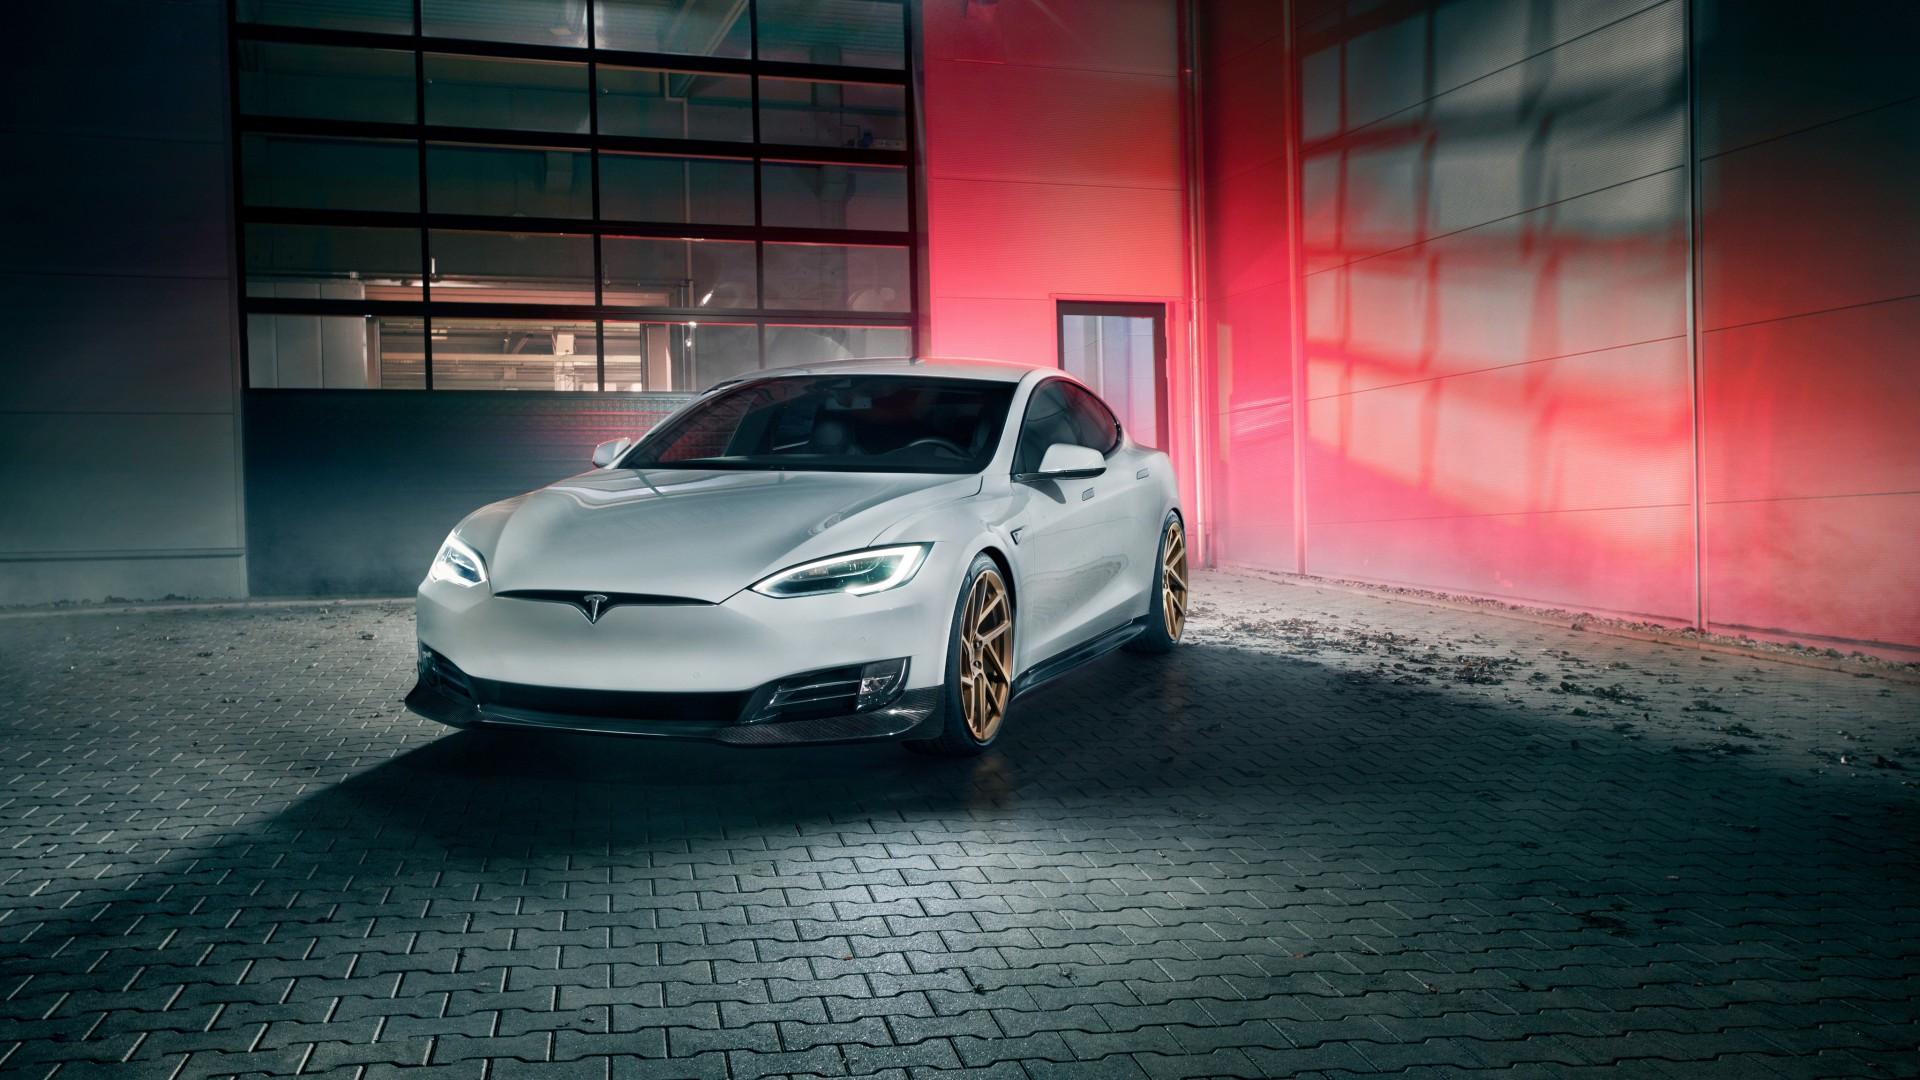 Hd Wallpapers Cars Ferrari 2017 Novitec Tesla Model S 4k 3 Wallpaper Hd Car